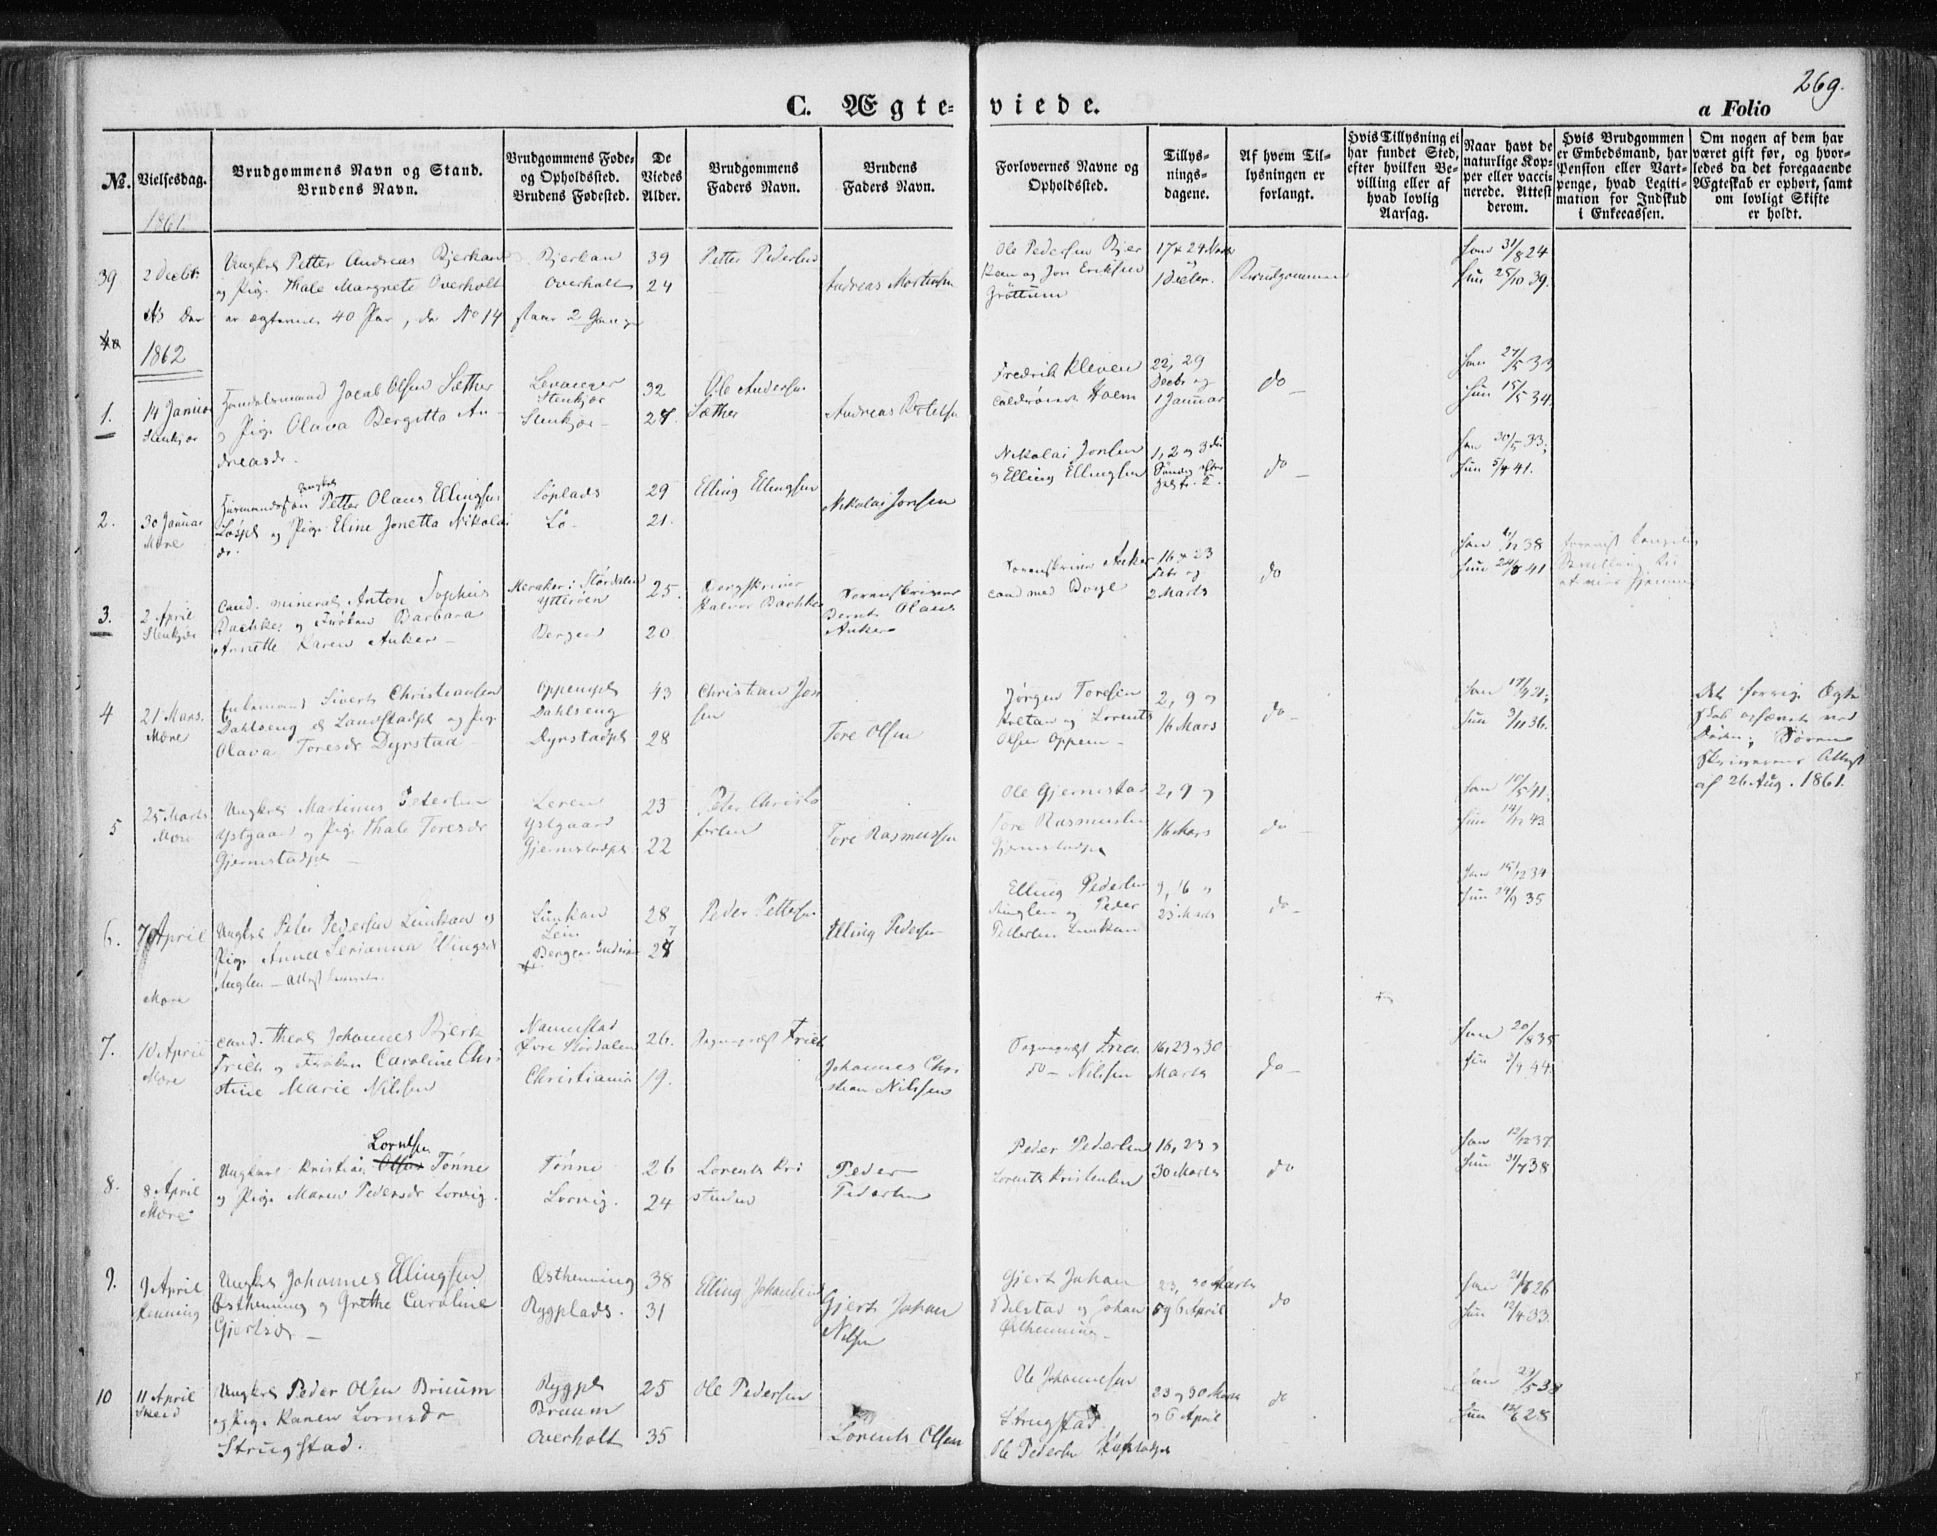 SAT, Ministerialprotokoller, klokkerbøker og fødselsregistre - Nord-Trøndelag, 735/L0342: Ministerialbok nr. 735A07 /1, 1849-1862, s. 269